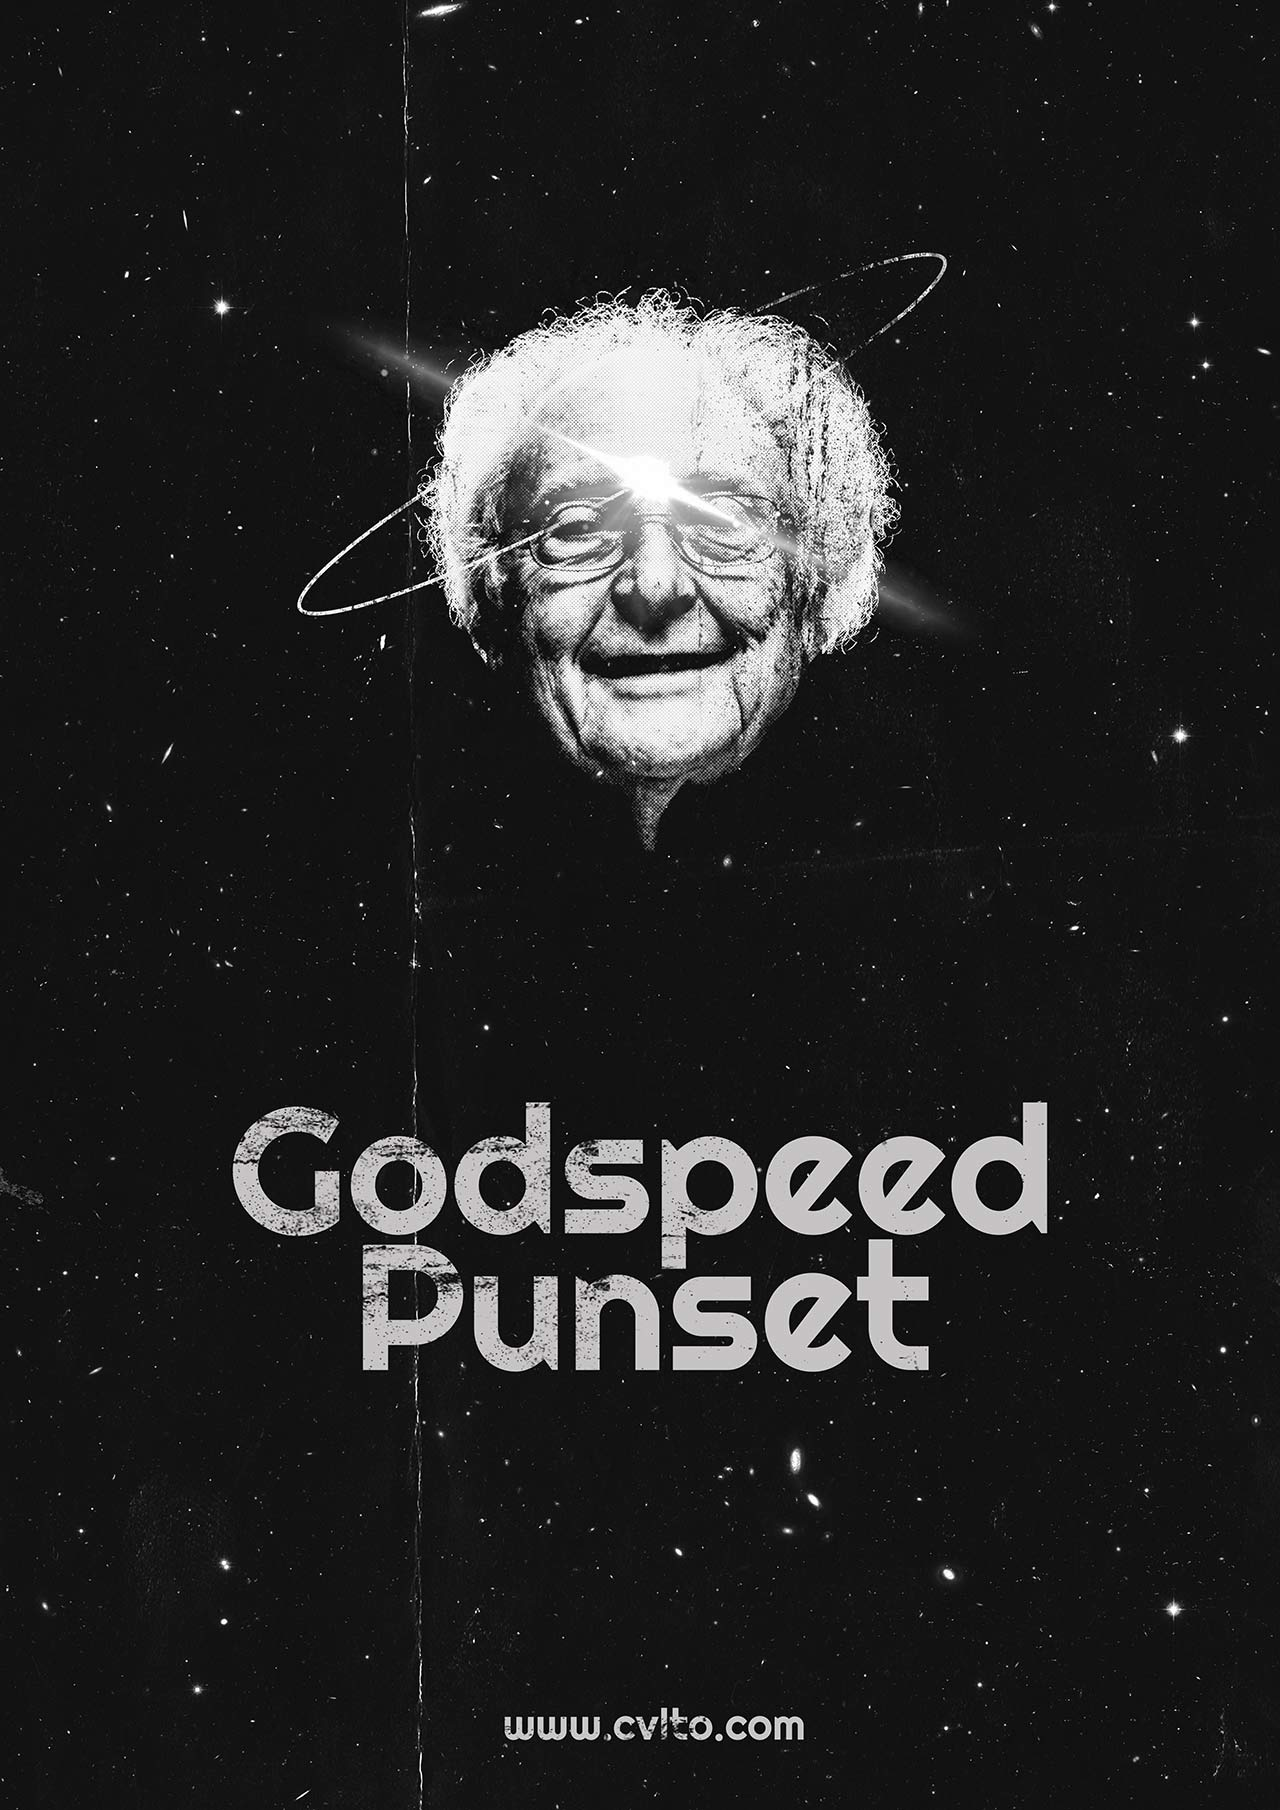 Godspeed Punset